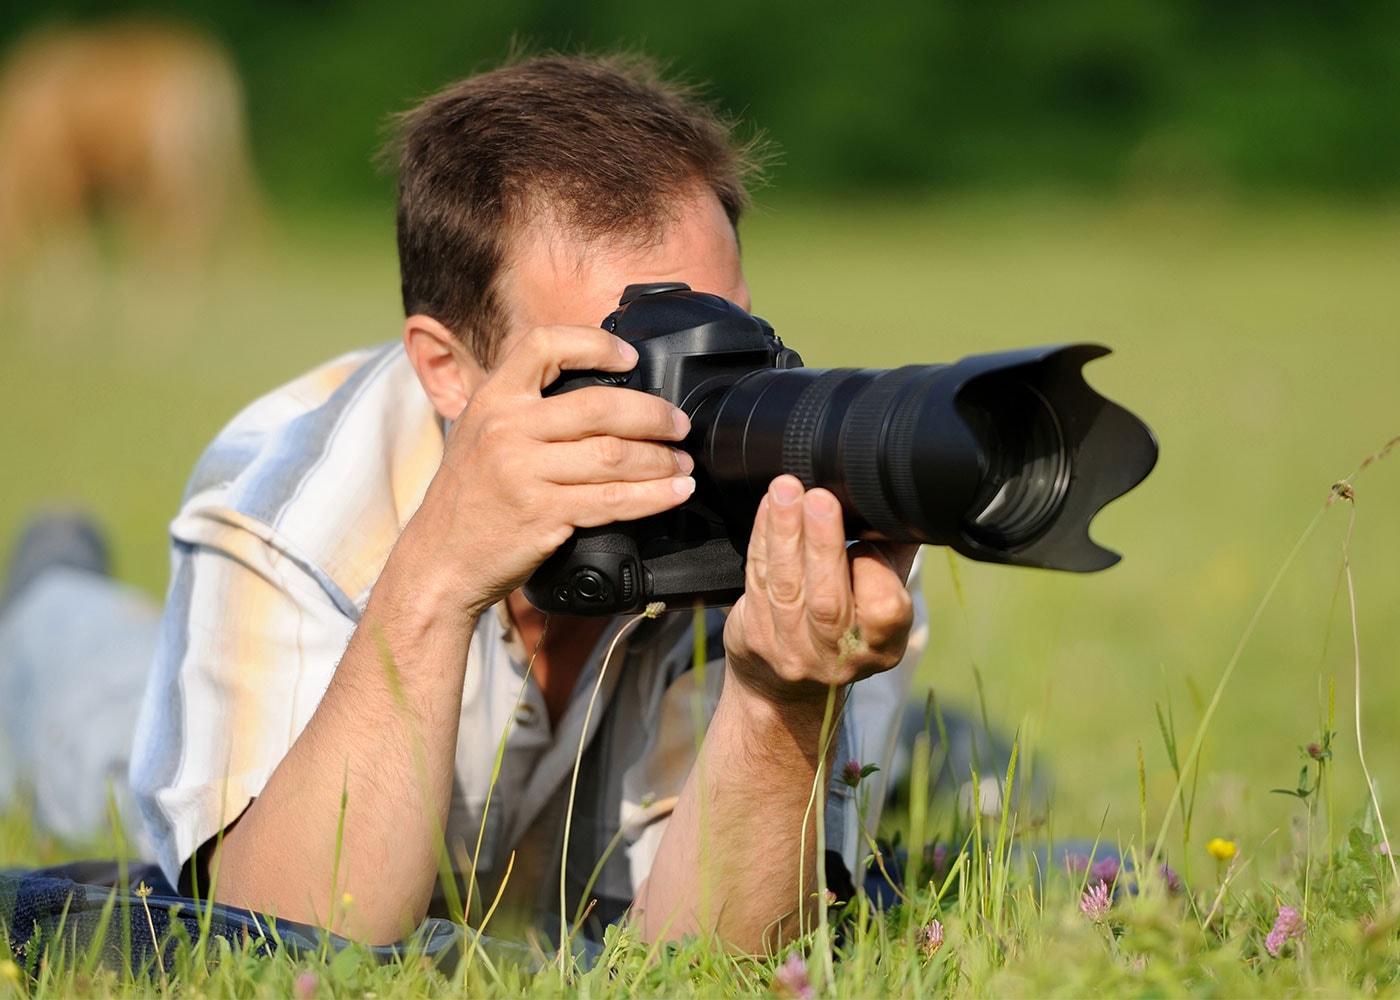 Arme beim Fotografieren aufstützen